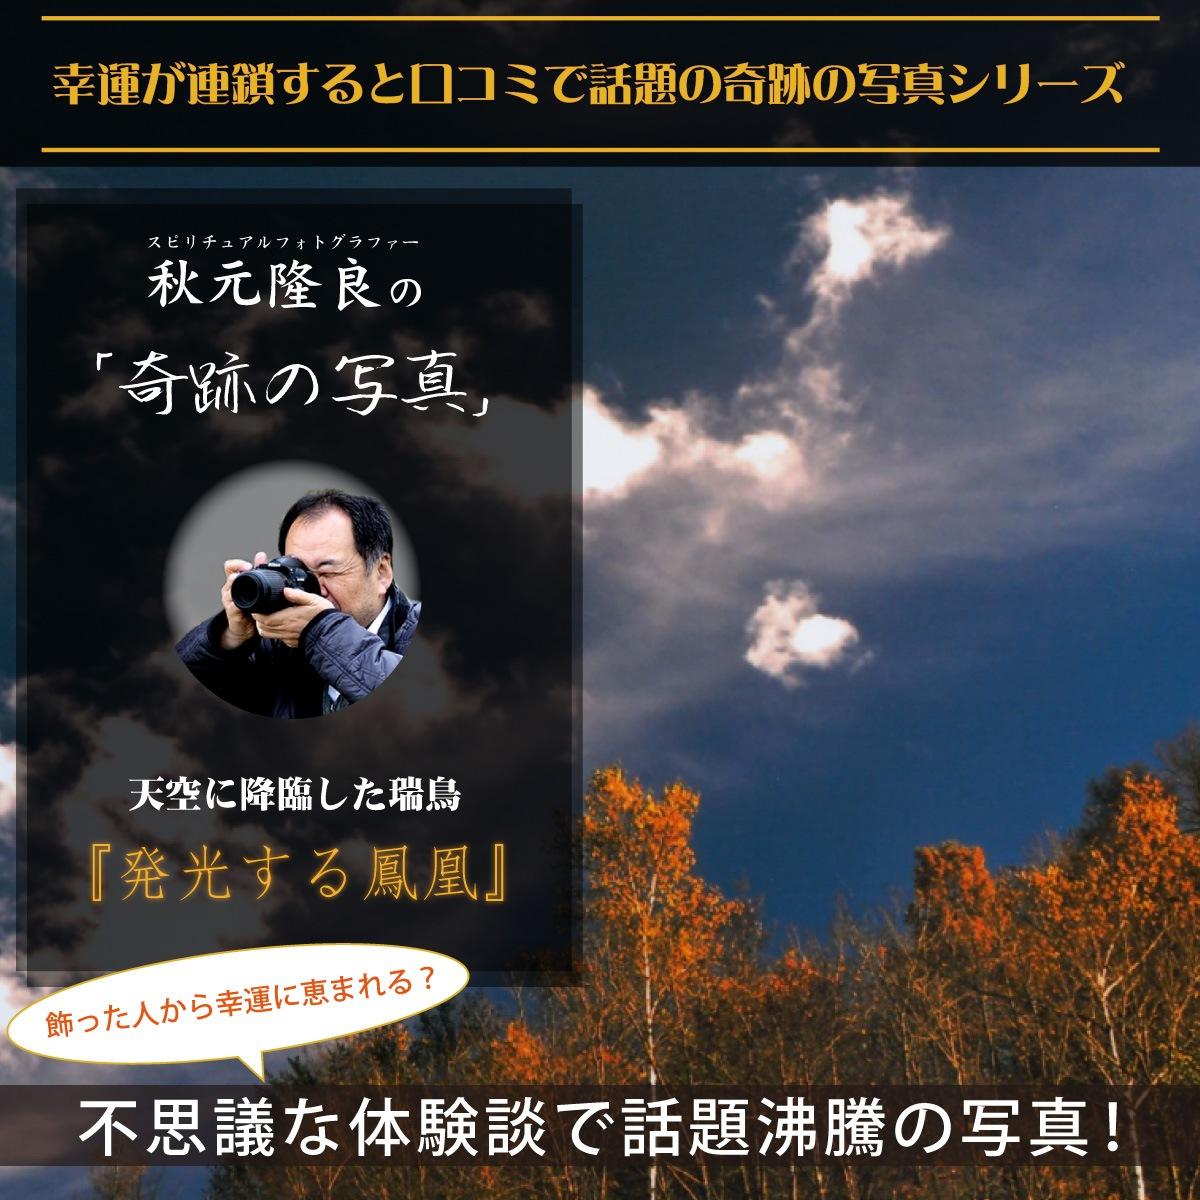 【奇跡の写真】発光する鳳凰 ≫飾るだけで幸運が連鎖すると話題!秋元隆良の開運フォト作品